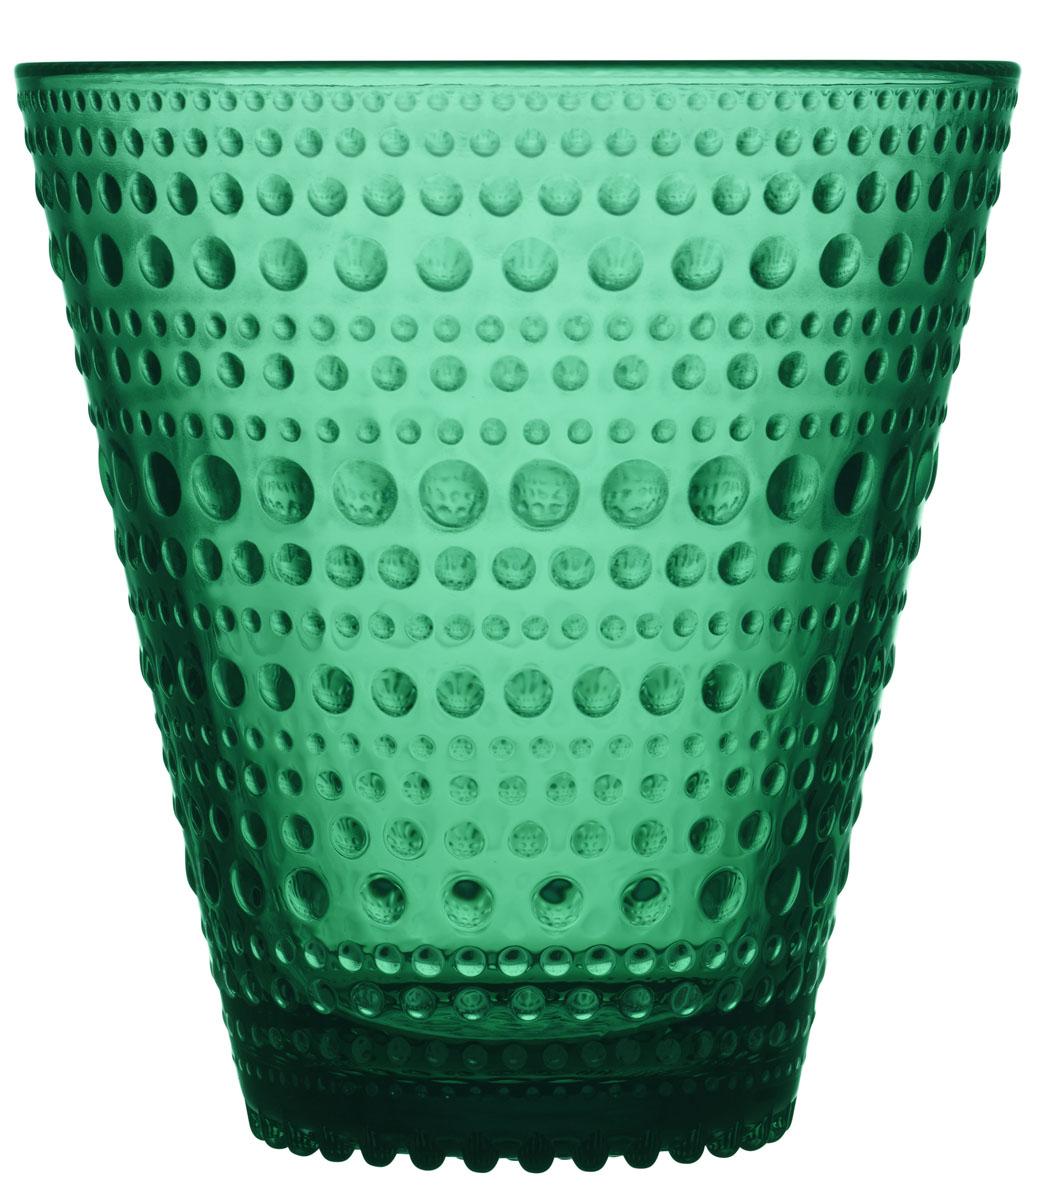 Набор стаканов Iittala Kastehelmi, цвет: изумрудый, 300 мл, 2 шт1019598Стаканы Iittala выполнены из высококачественного стекла. Изделия имеют удобную изящную форму, которая позволит им комфортно лежать в вашей руке. Дизайн стаканов будет радовать глаз. Легкий и прочный материал обеспечит сохранность изделия в течение многих лет.